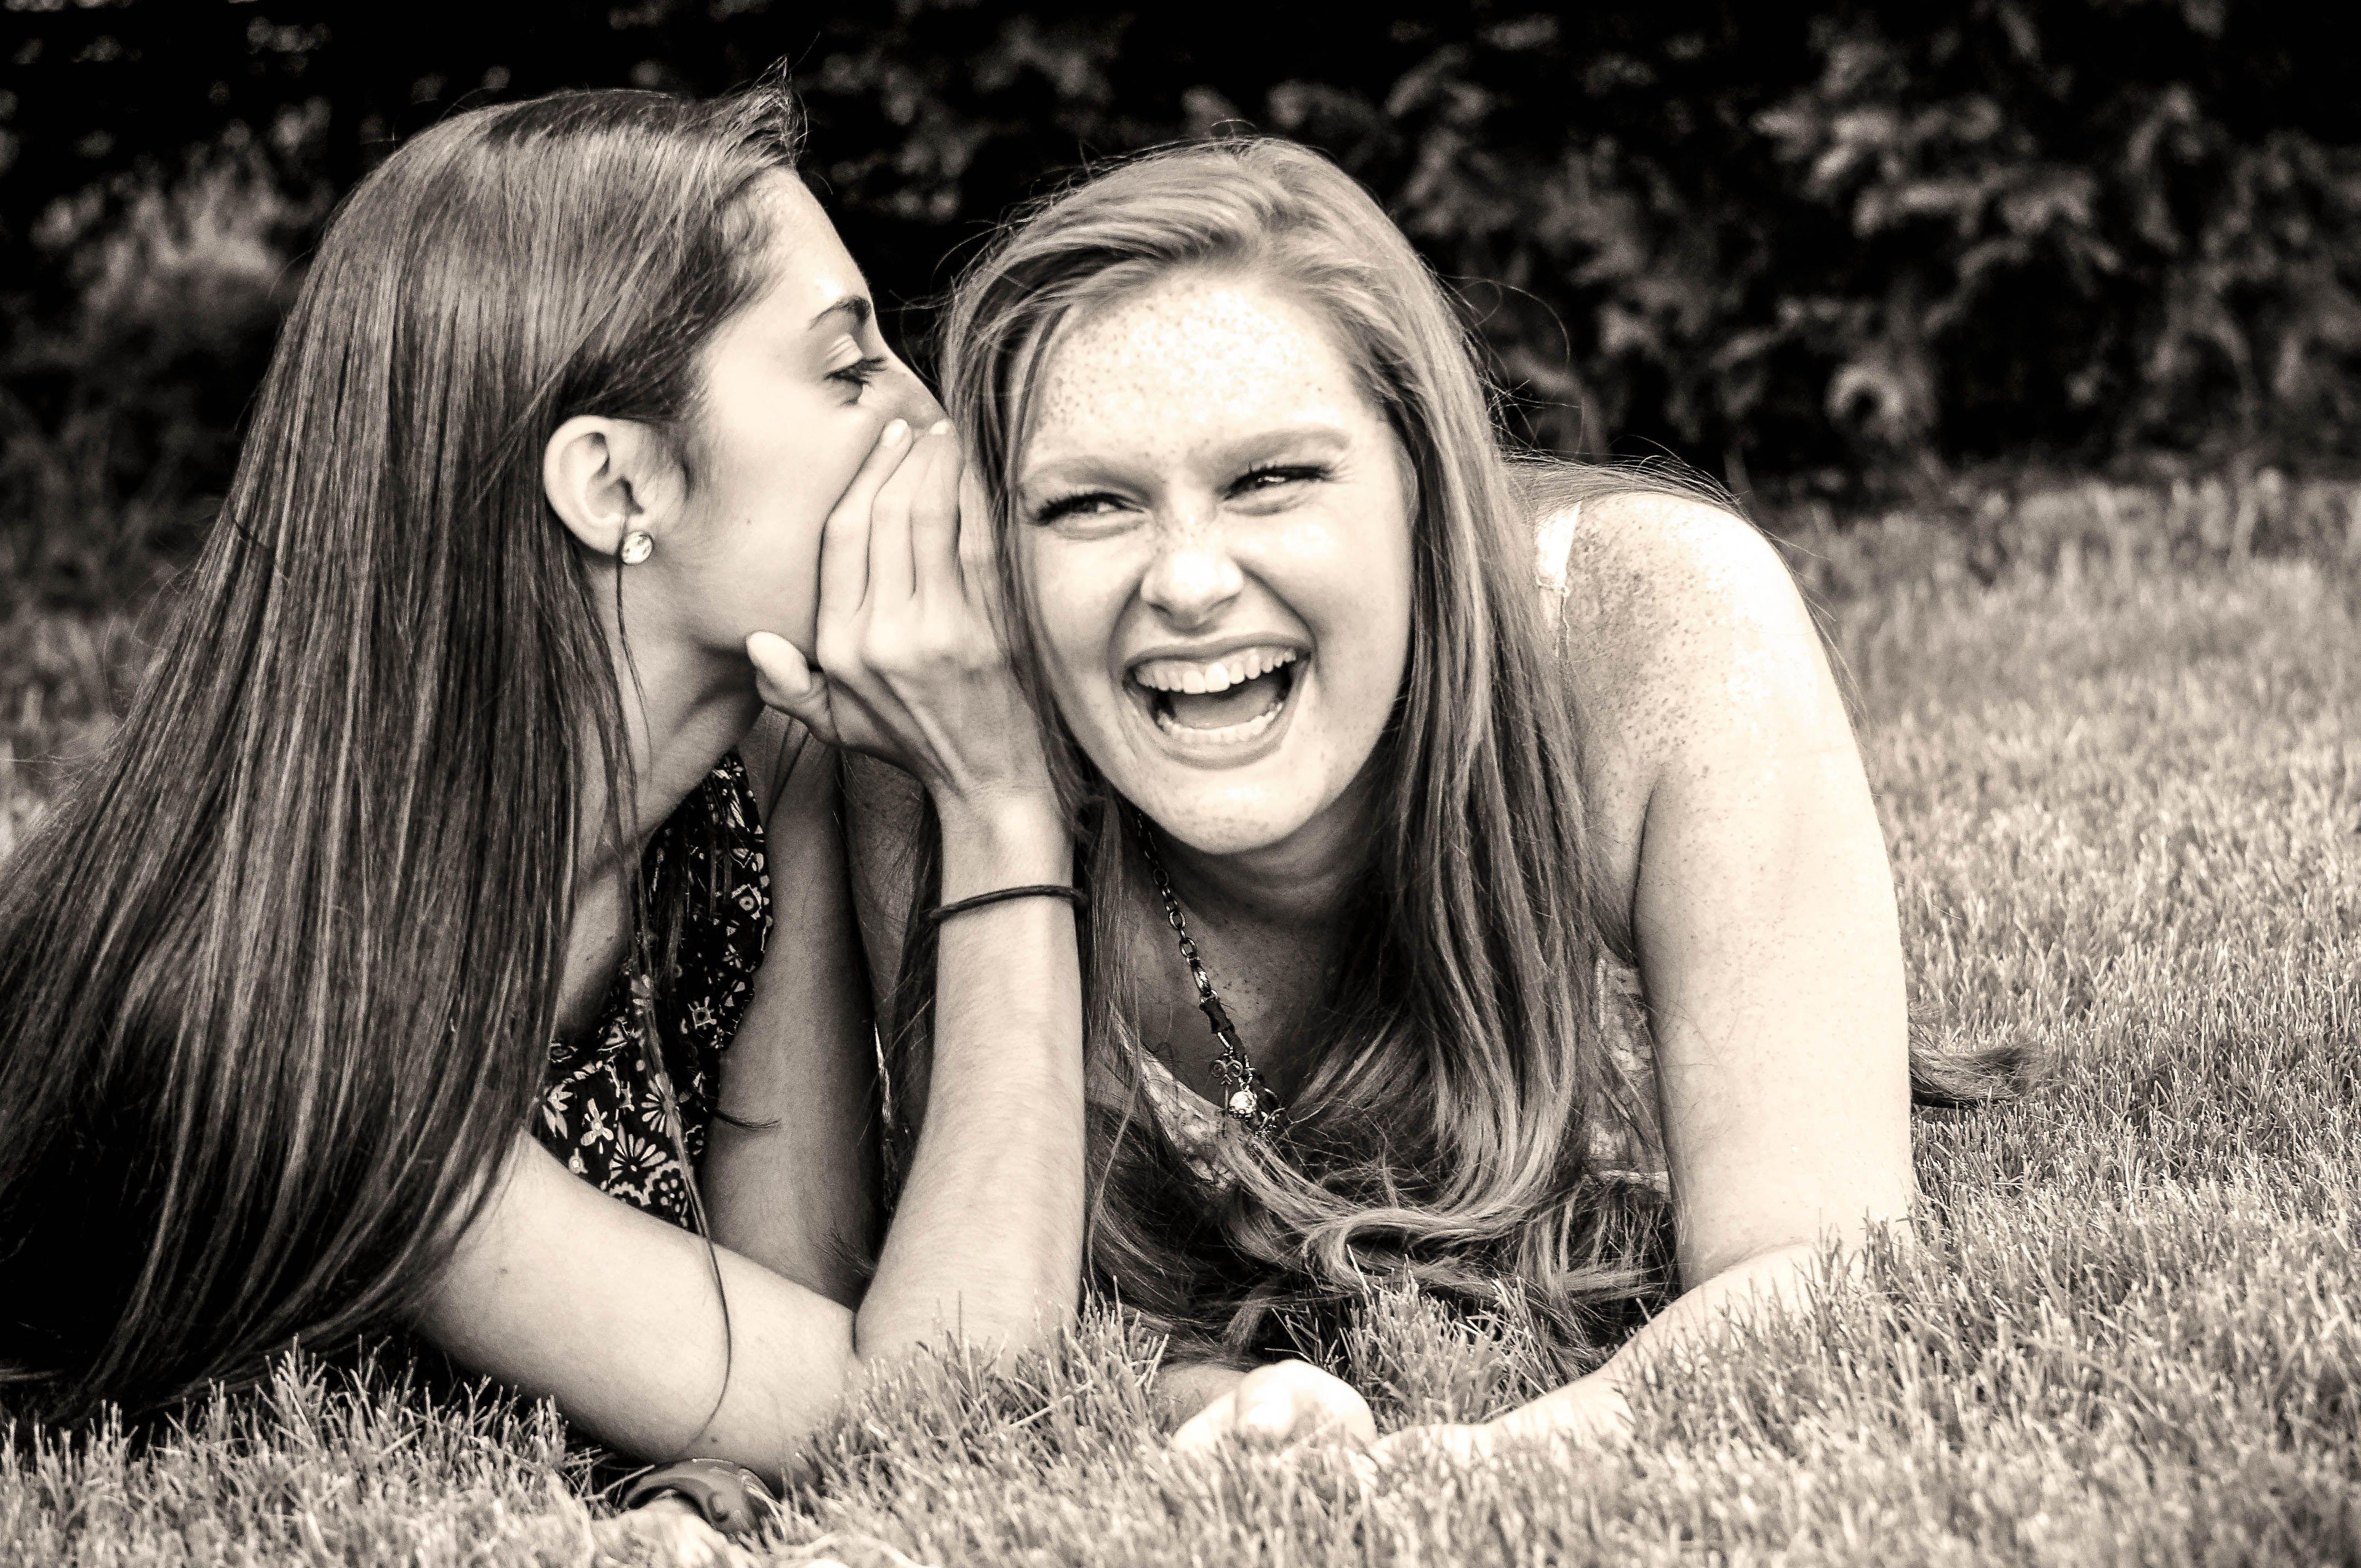 картинки про дружбу между подругами женщины таком возрасте